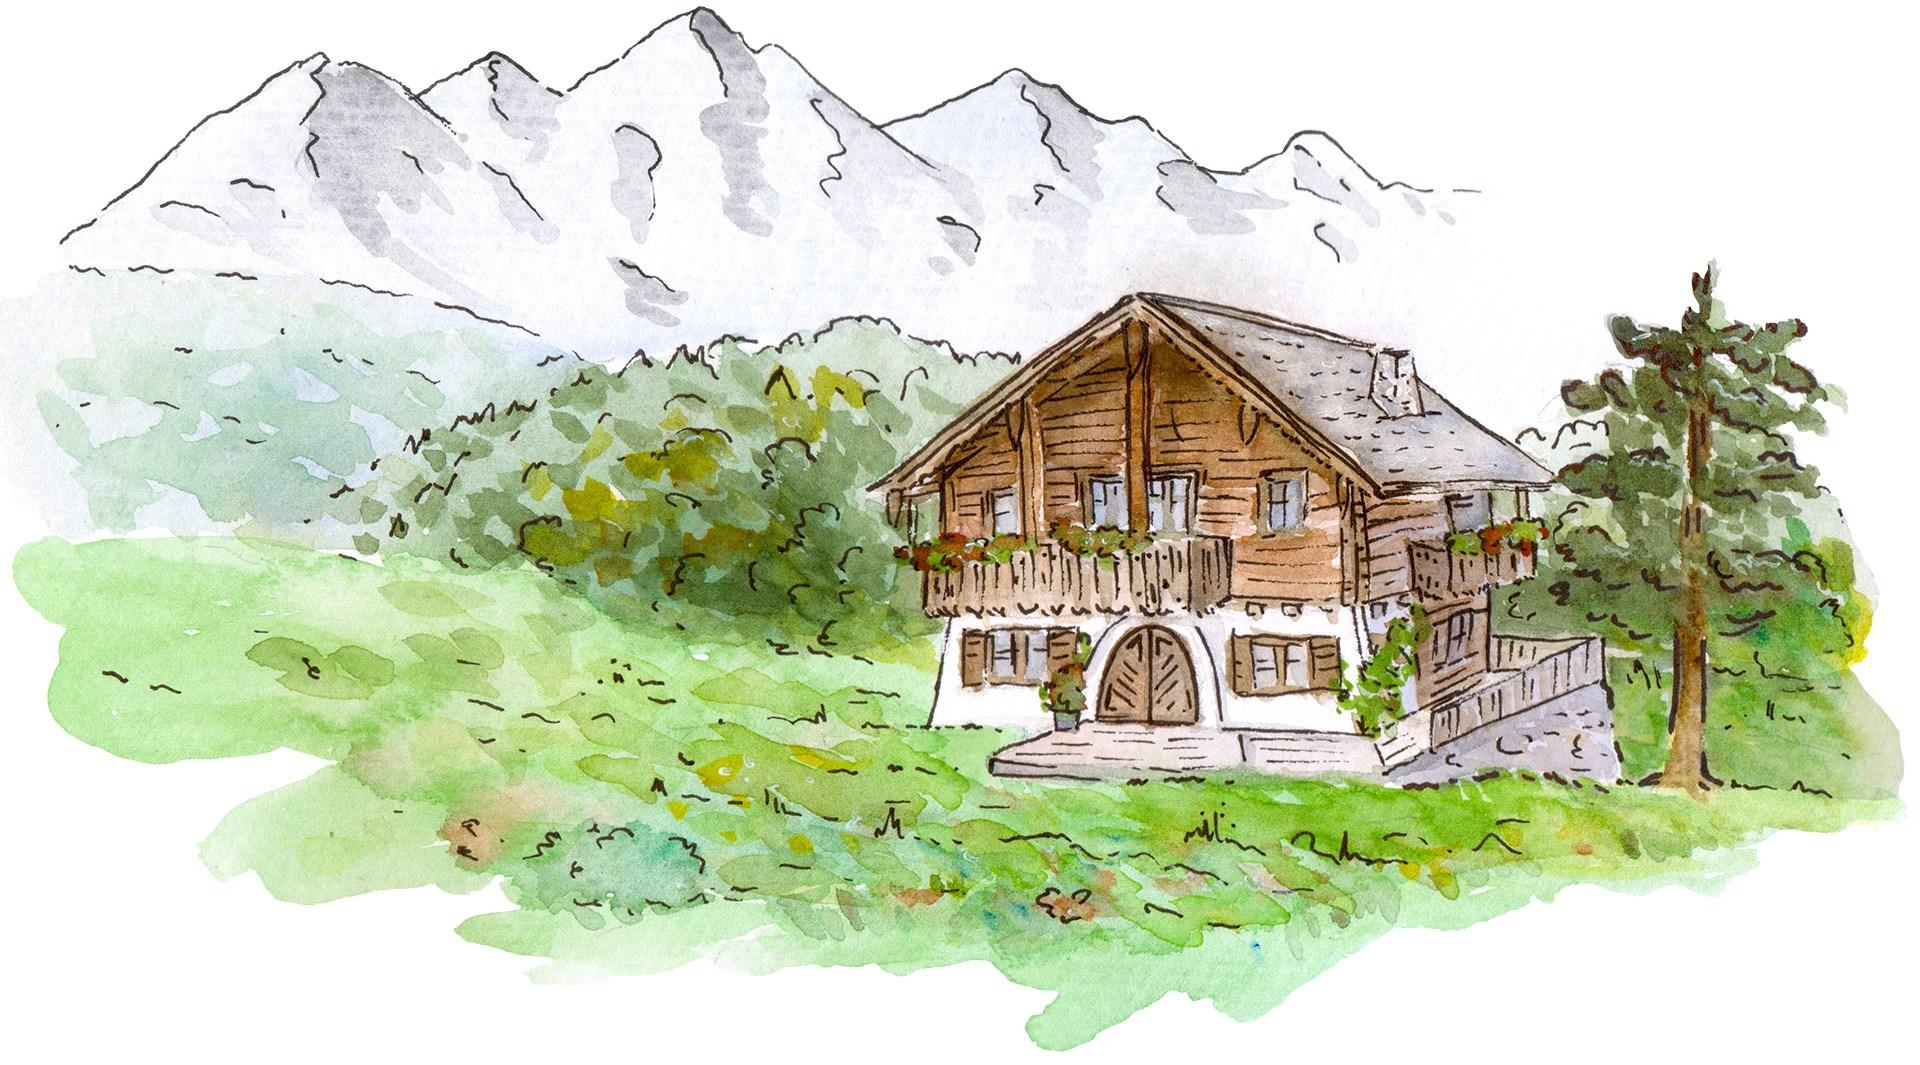 Eine Aquarell-Illustration eines österreichisch-bayerischen, rustikalen Hauses auf einer Wiese mit Blick auf die Alpen